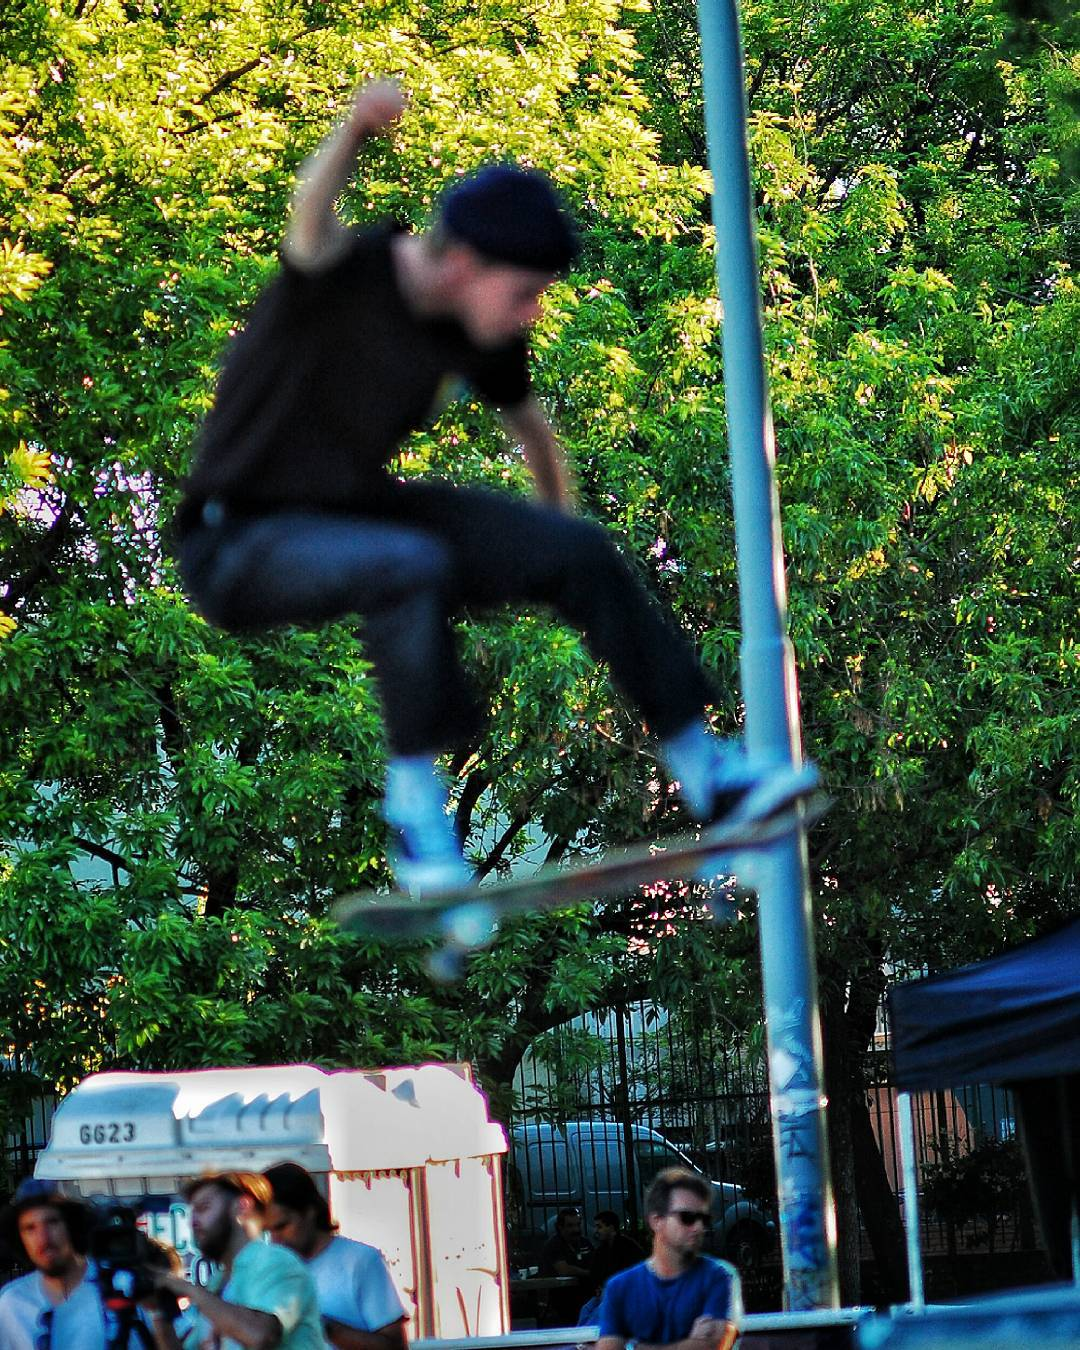 Bobby volando un poco . Fuera de foco. Inalcanzable. #onestarworldtour #skateboarding